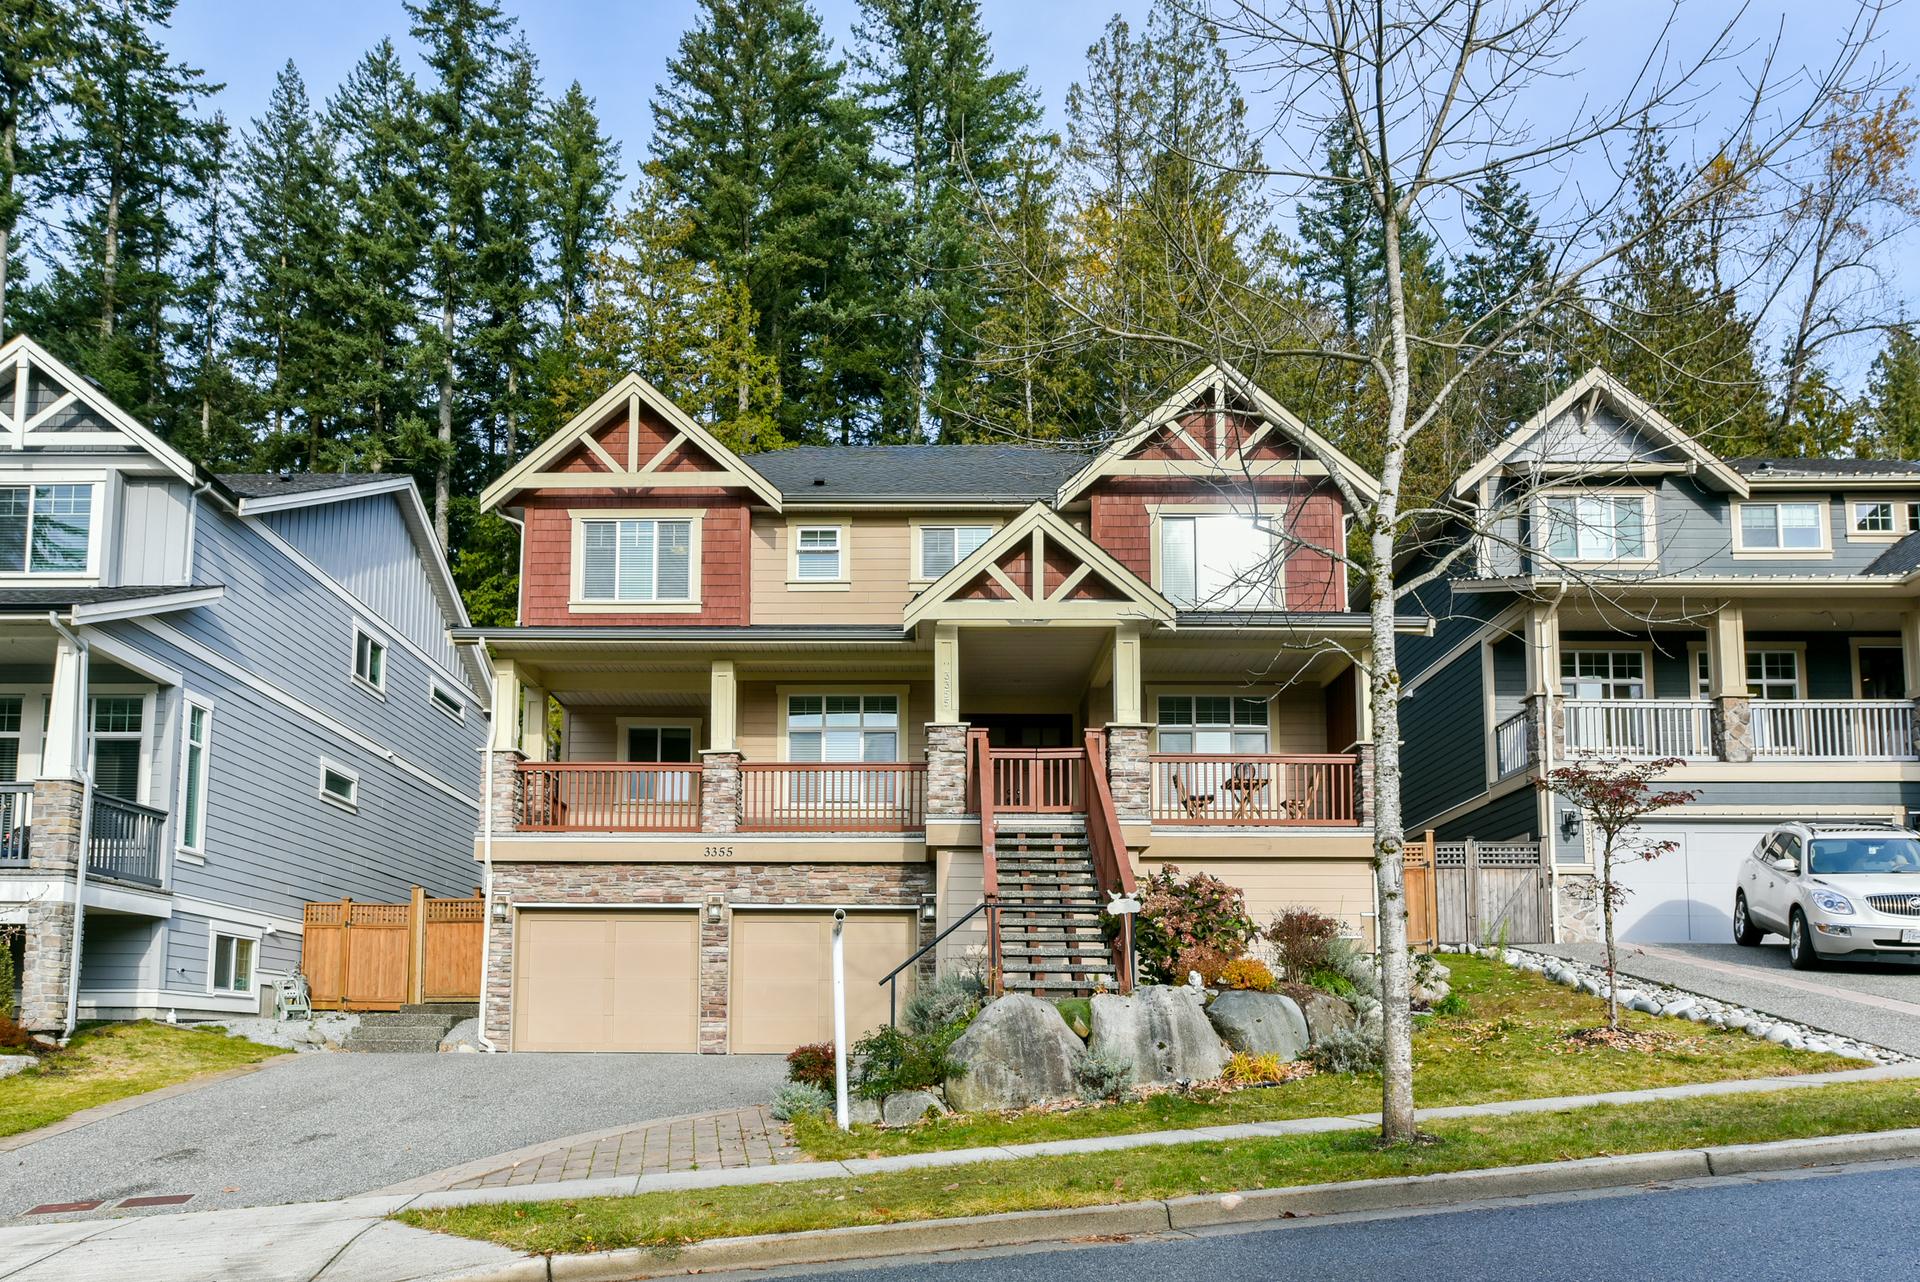 3355-scotch-pine-avenue-coquitlam-2 at 3355 Scotch Pine Avenue, Burke Mountain, Coquitlam